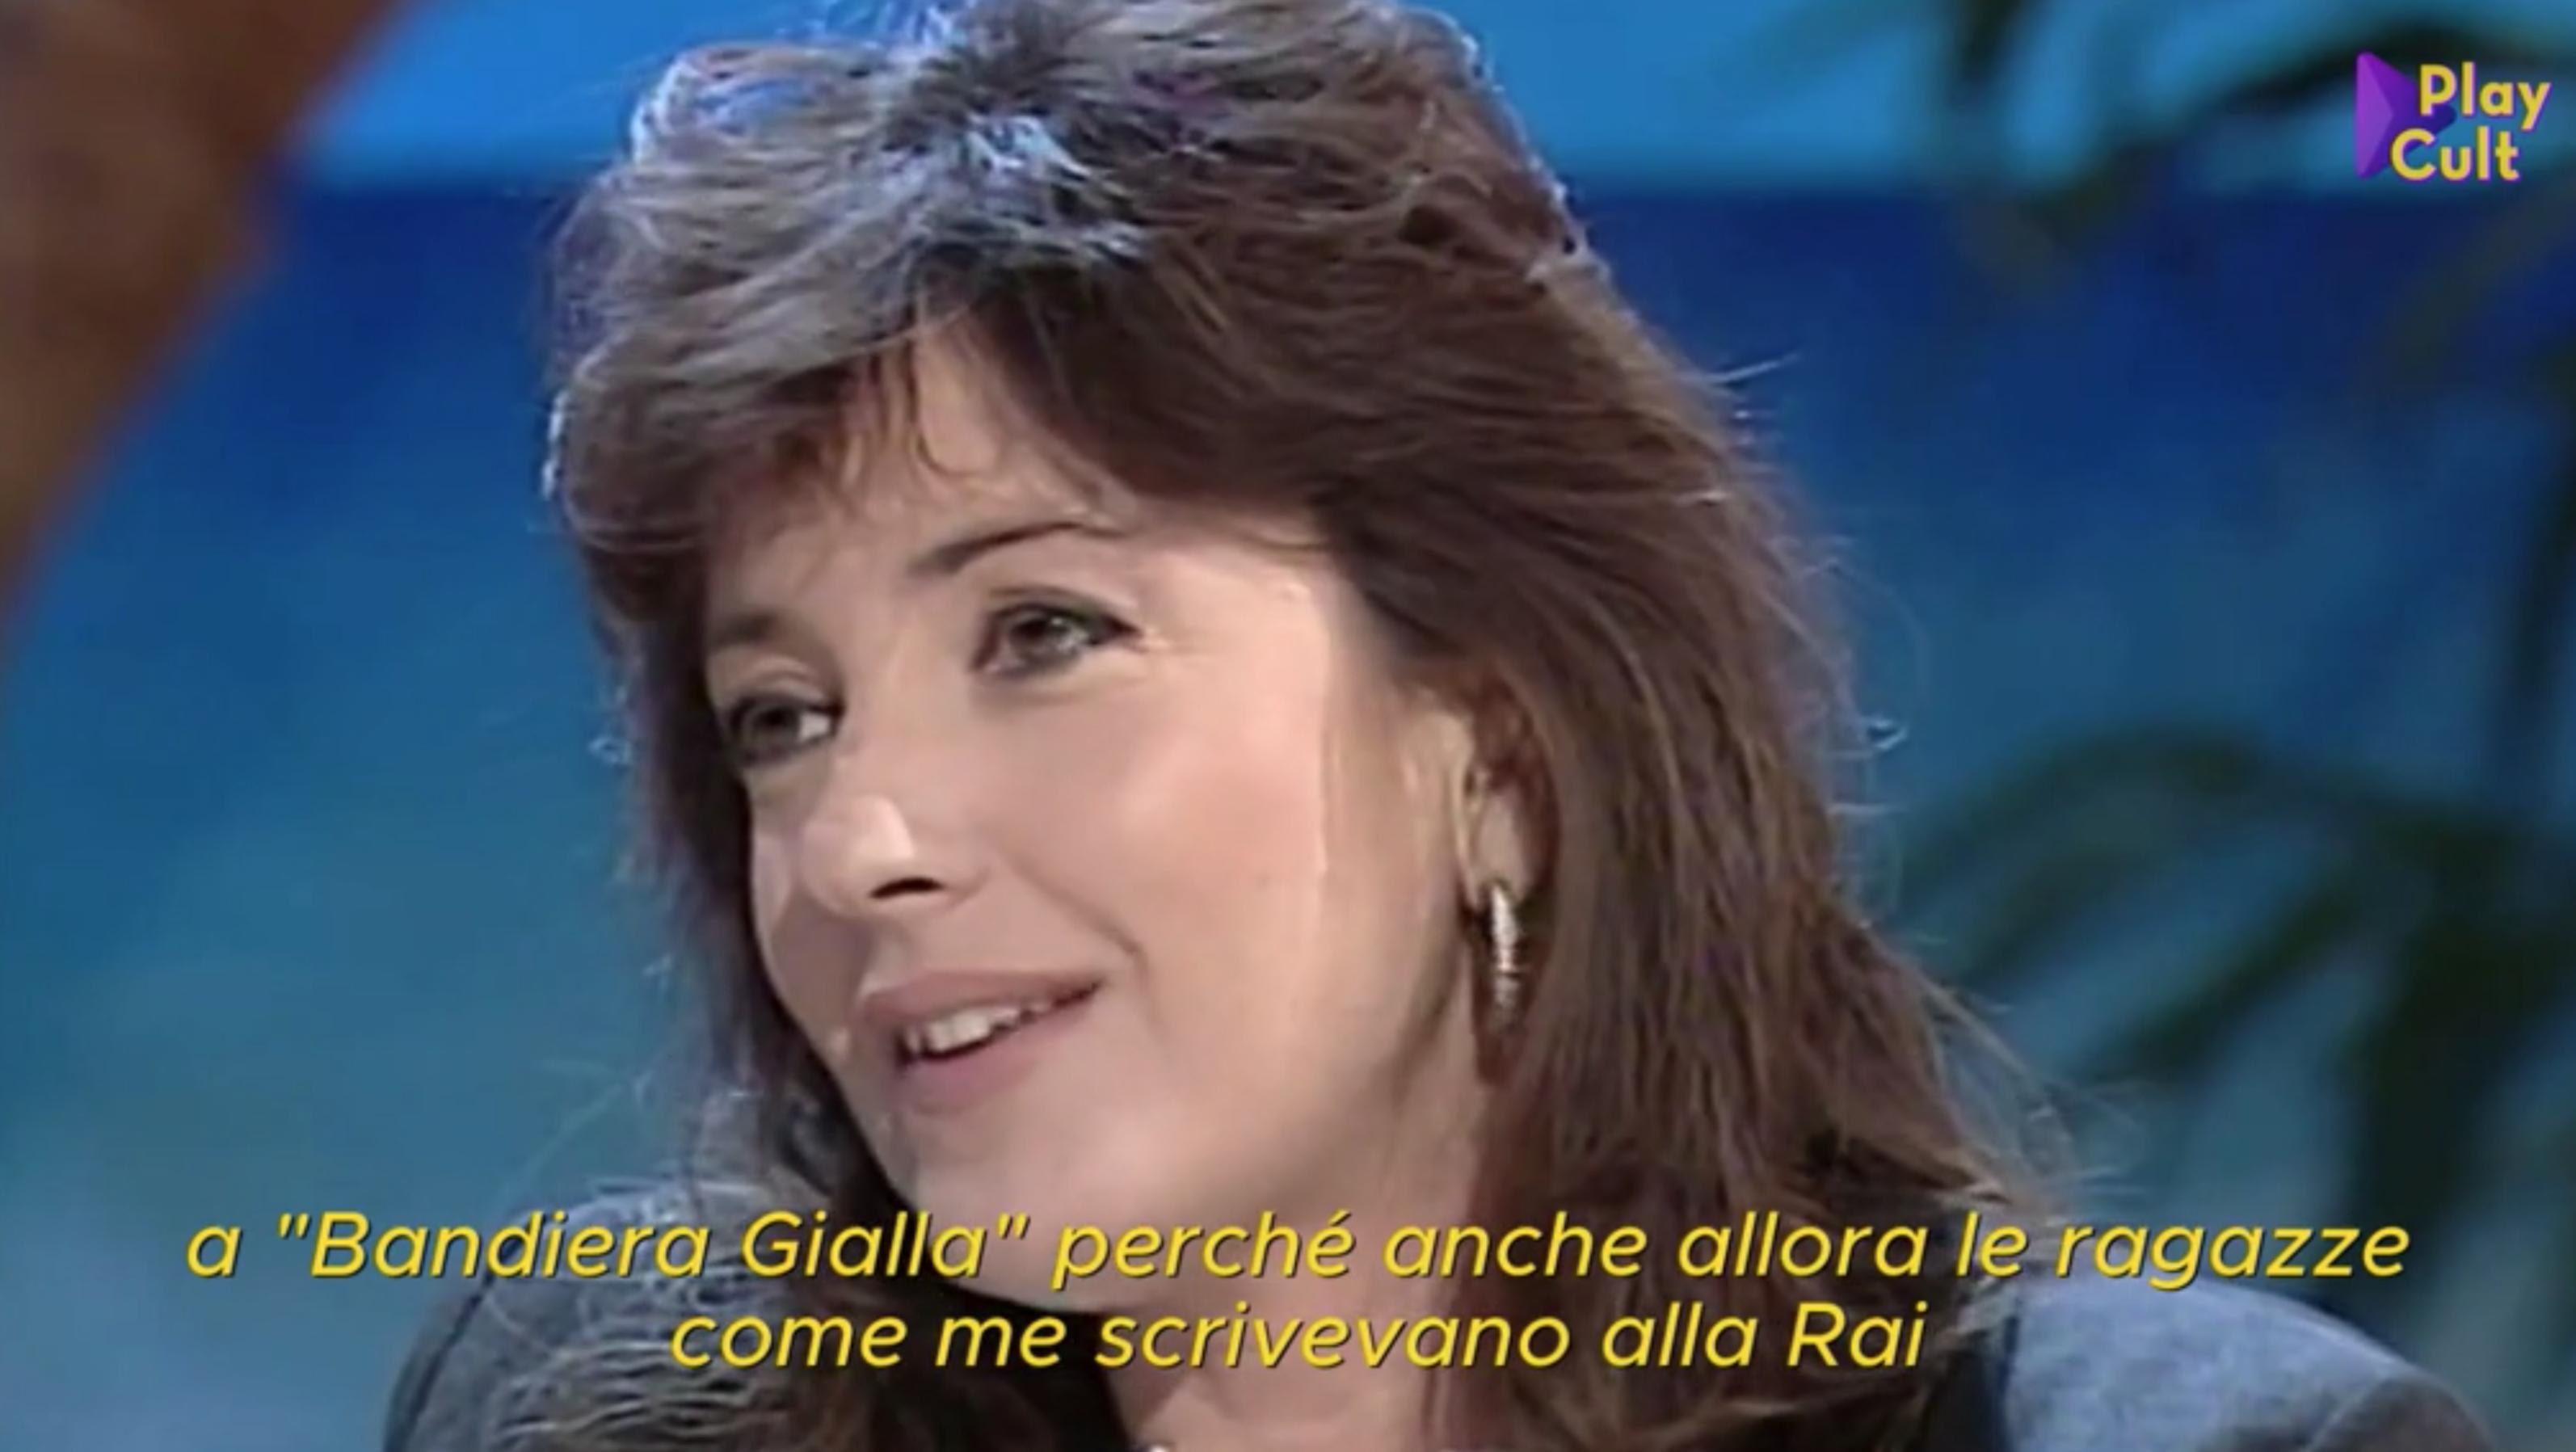 Barbara Palombelli Compie 66 Anni Eccola A Non E La Rai Nel 1994 Tgcom24